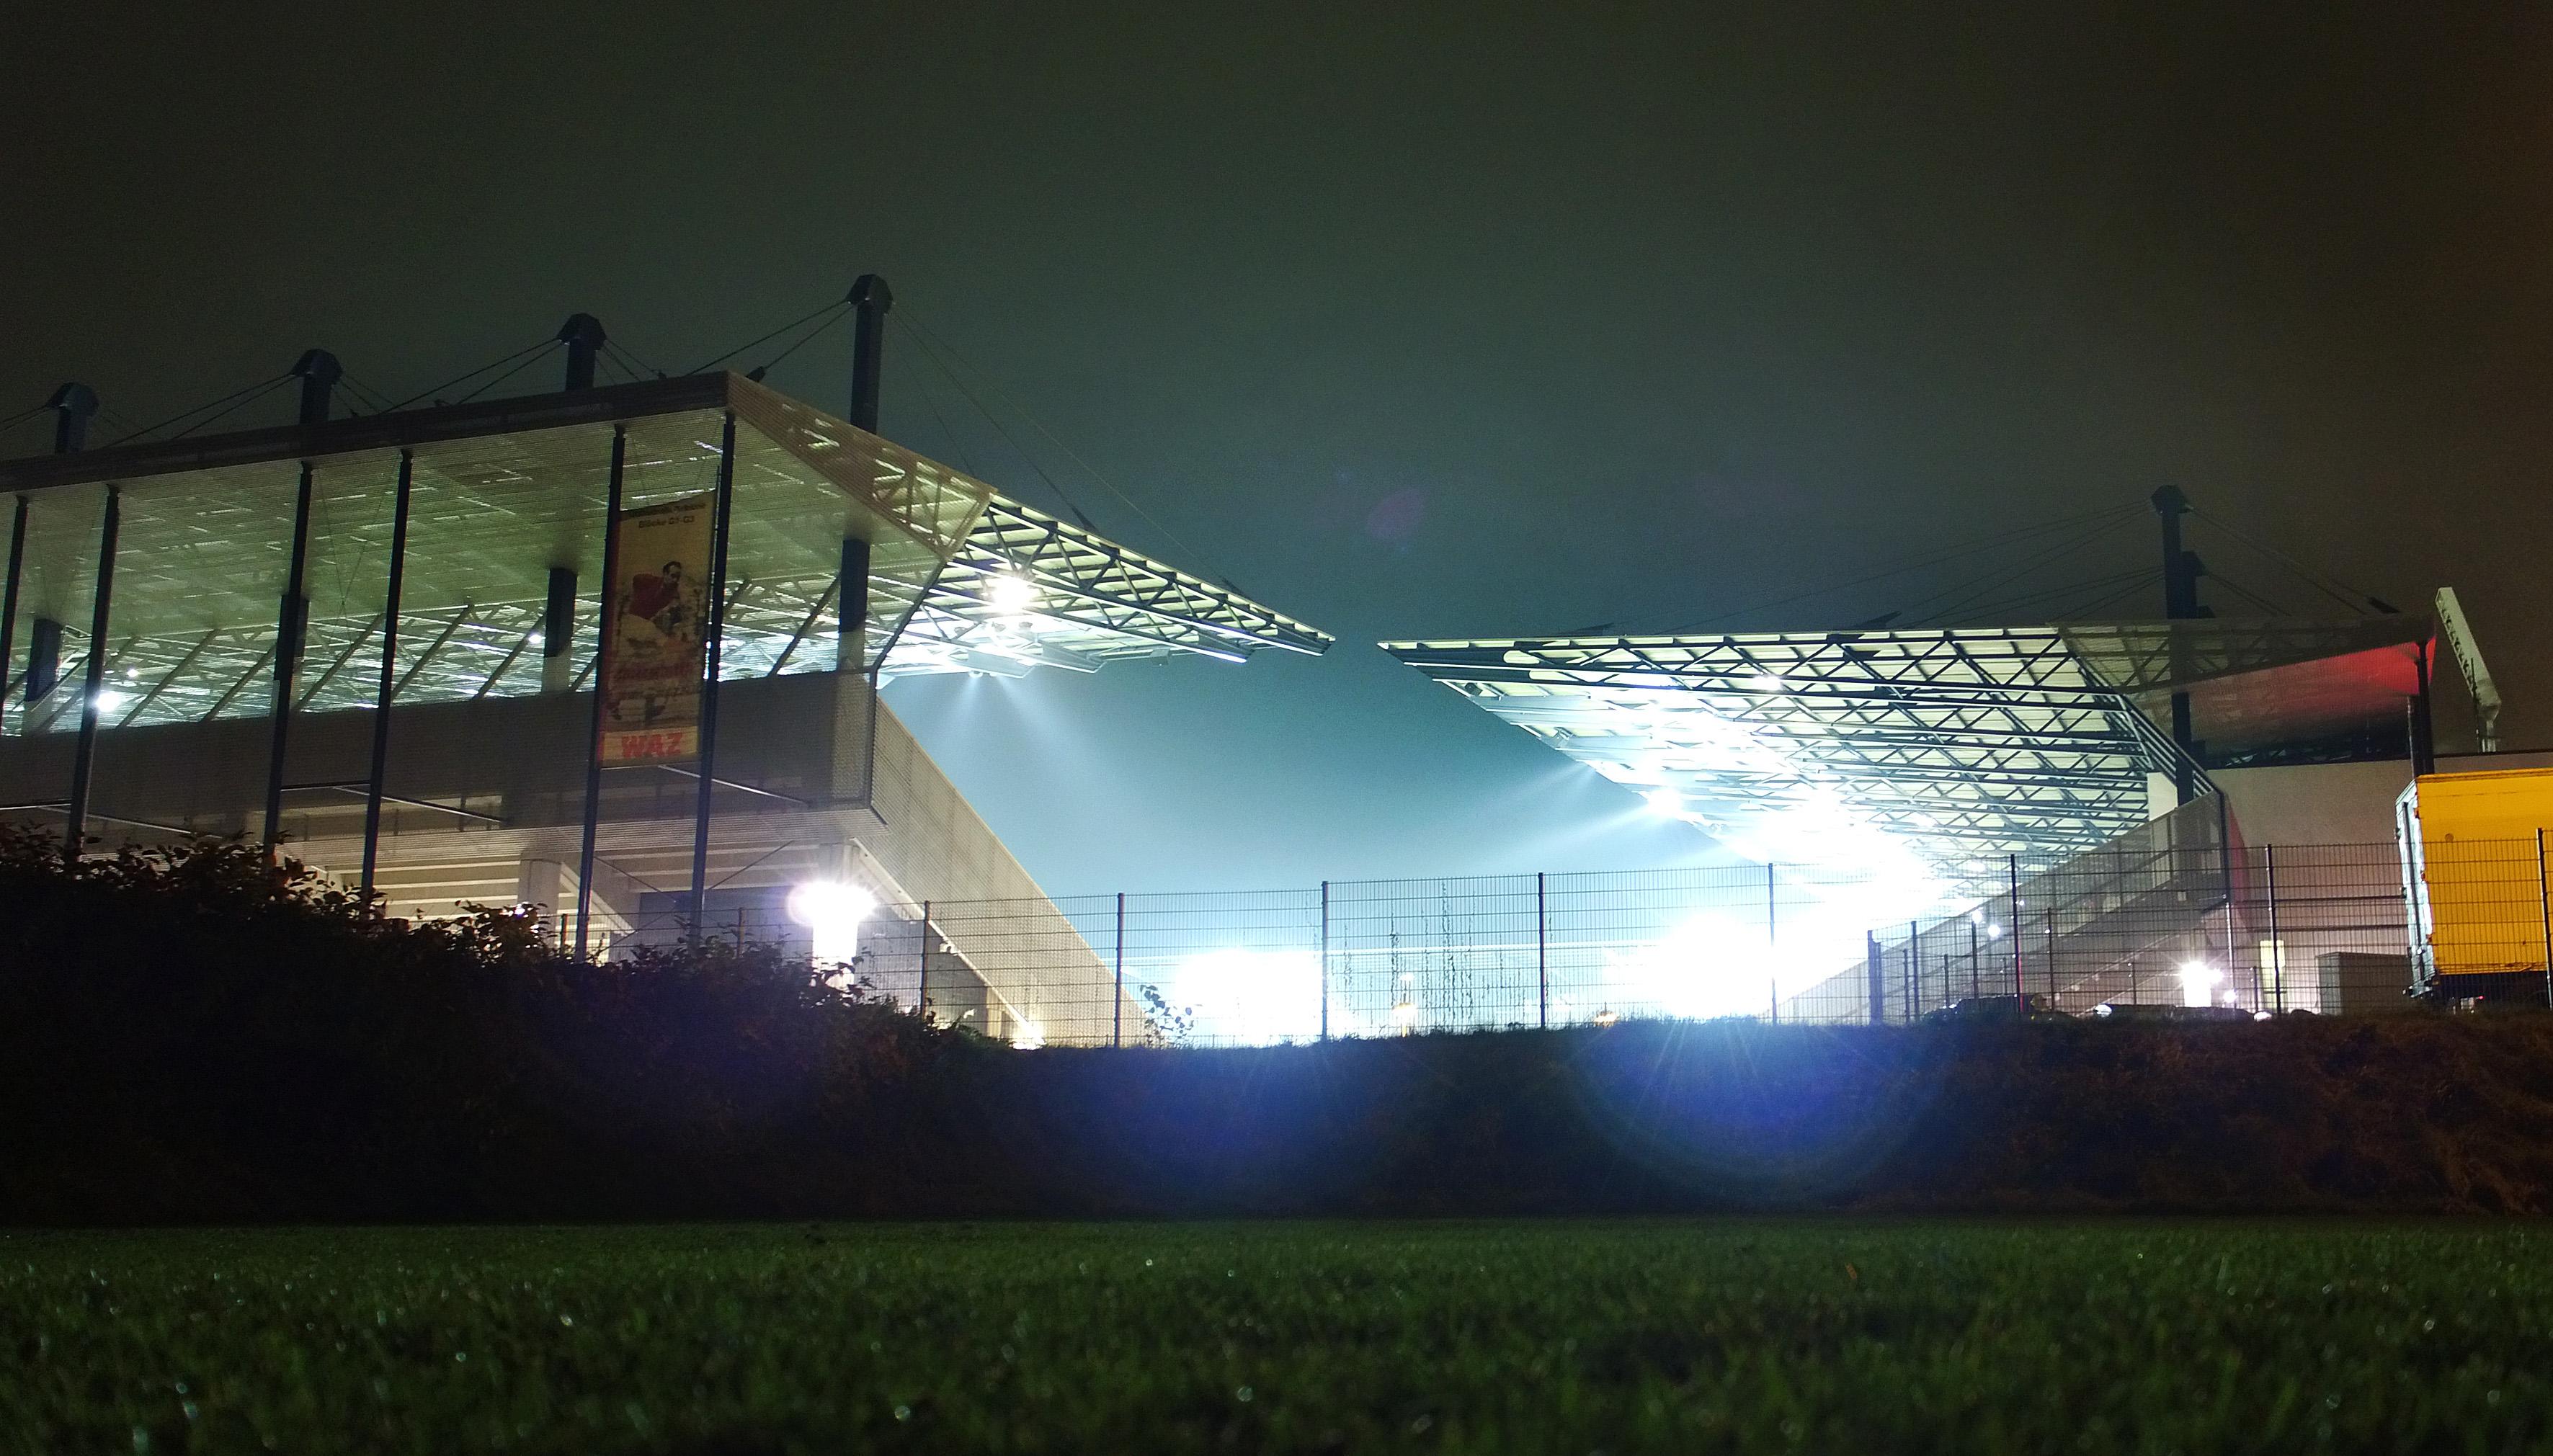 Das Stadion Essen beherbergt am 21. März das Duell zwischen den U21-Auswahlen von Deutschland und Frankreich. (Foto: Gohl)